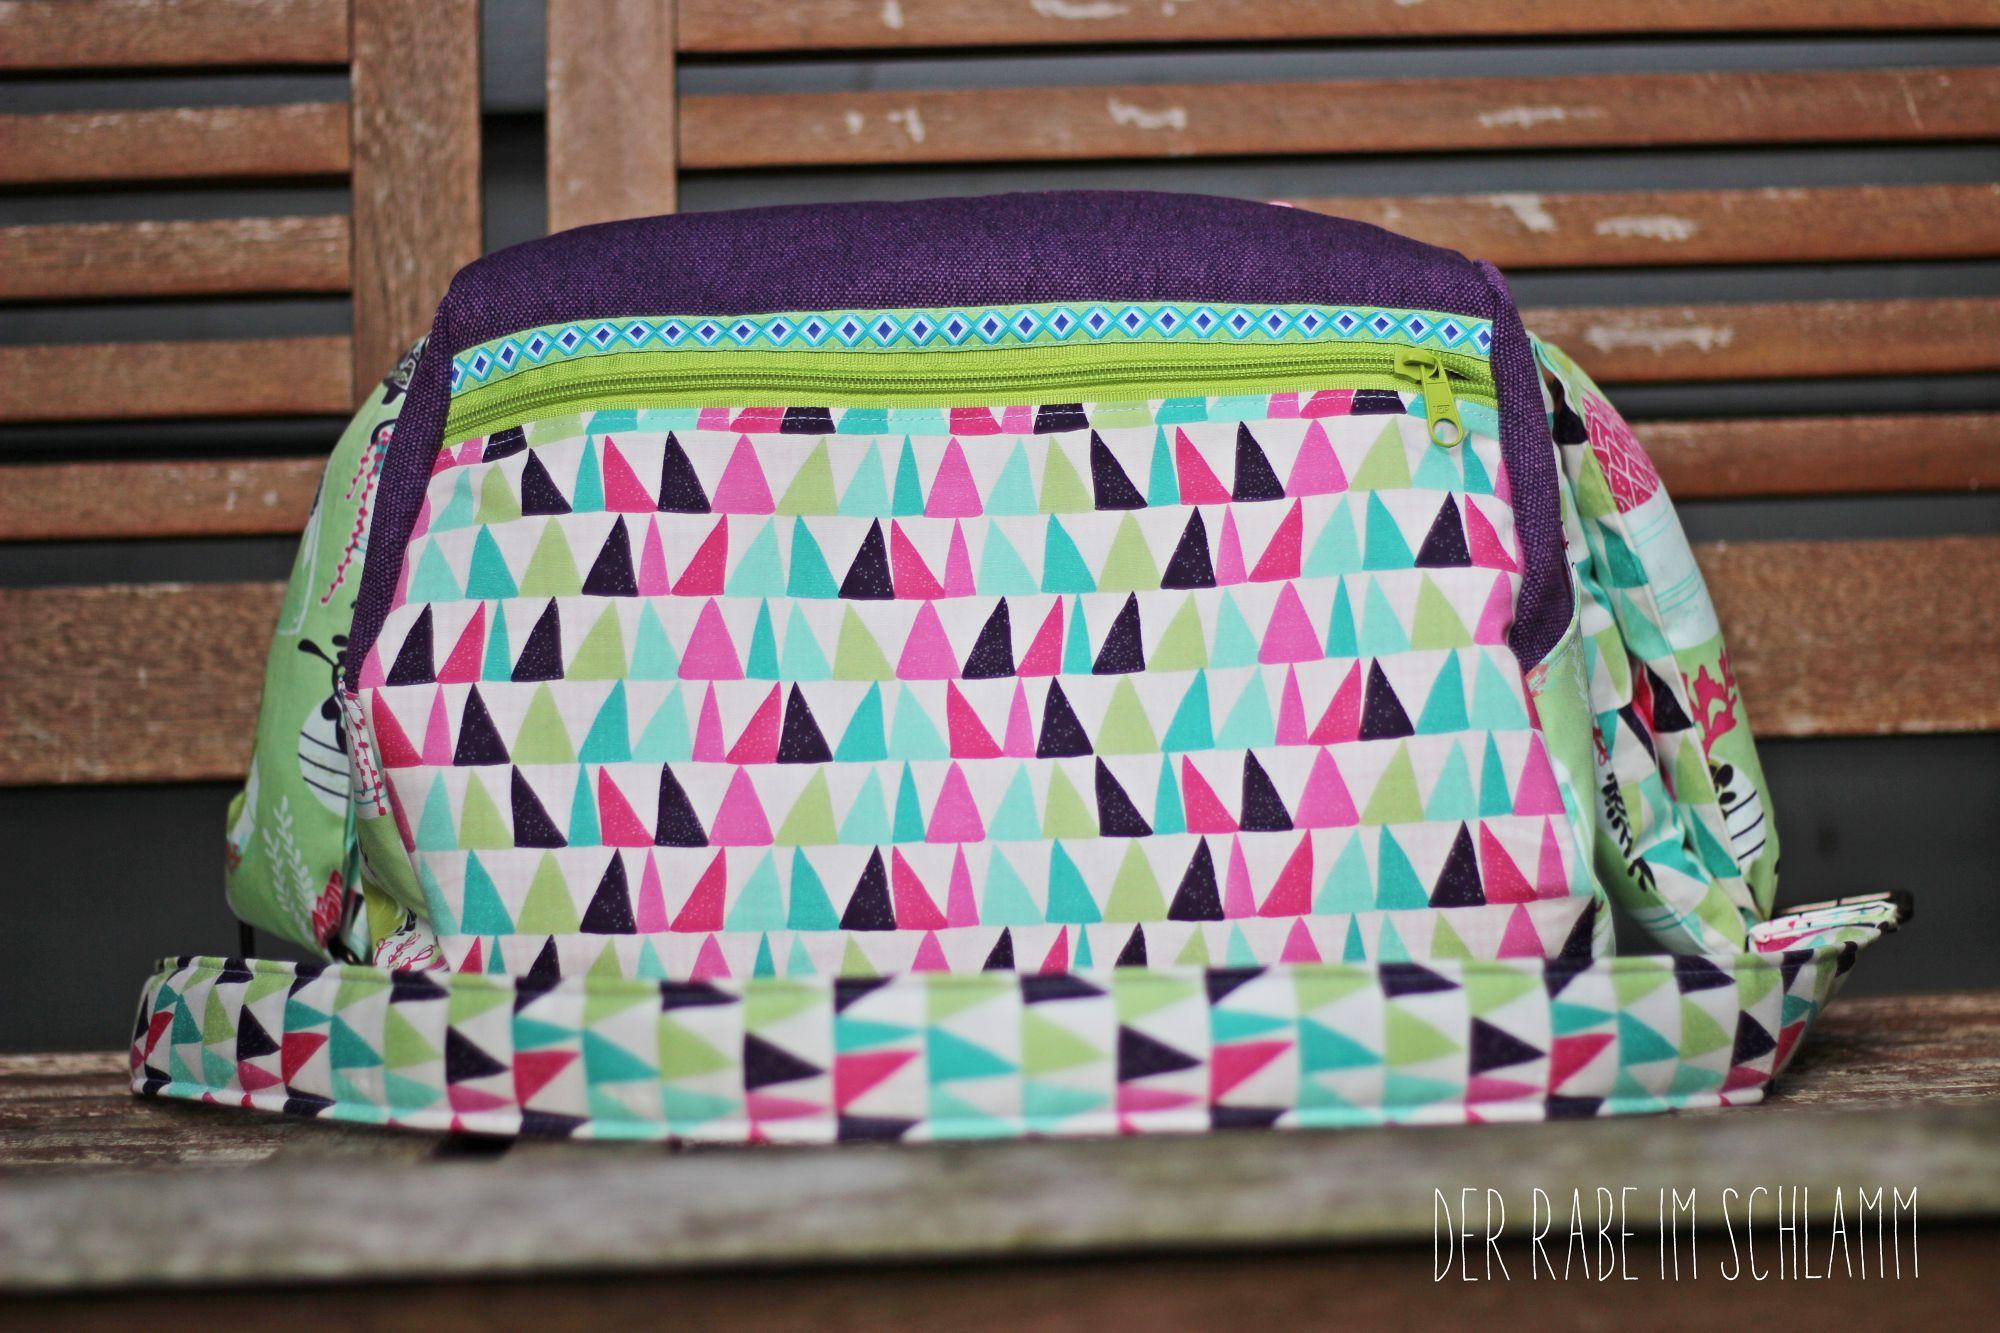 Der Rabe im Schlamm, Zylindertasche, Taschenspieler 3, farbenmix, Nähen, Taschen